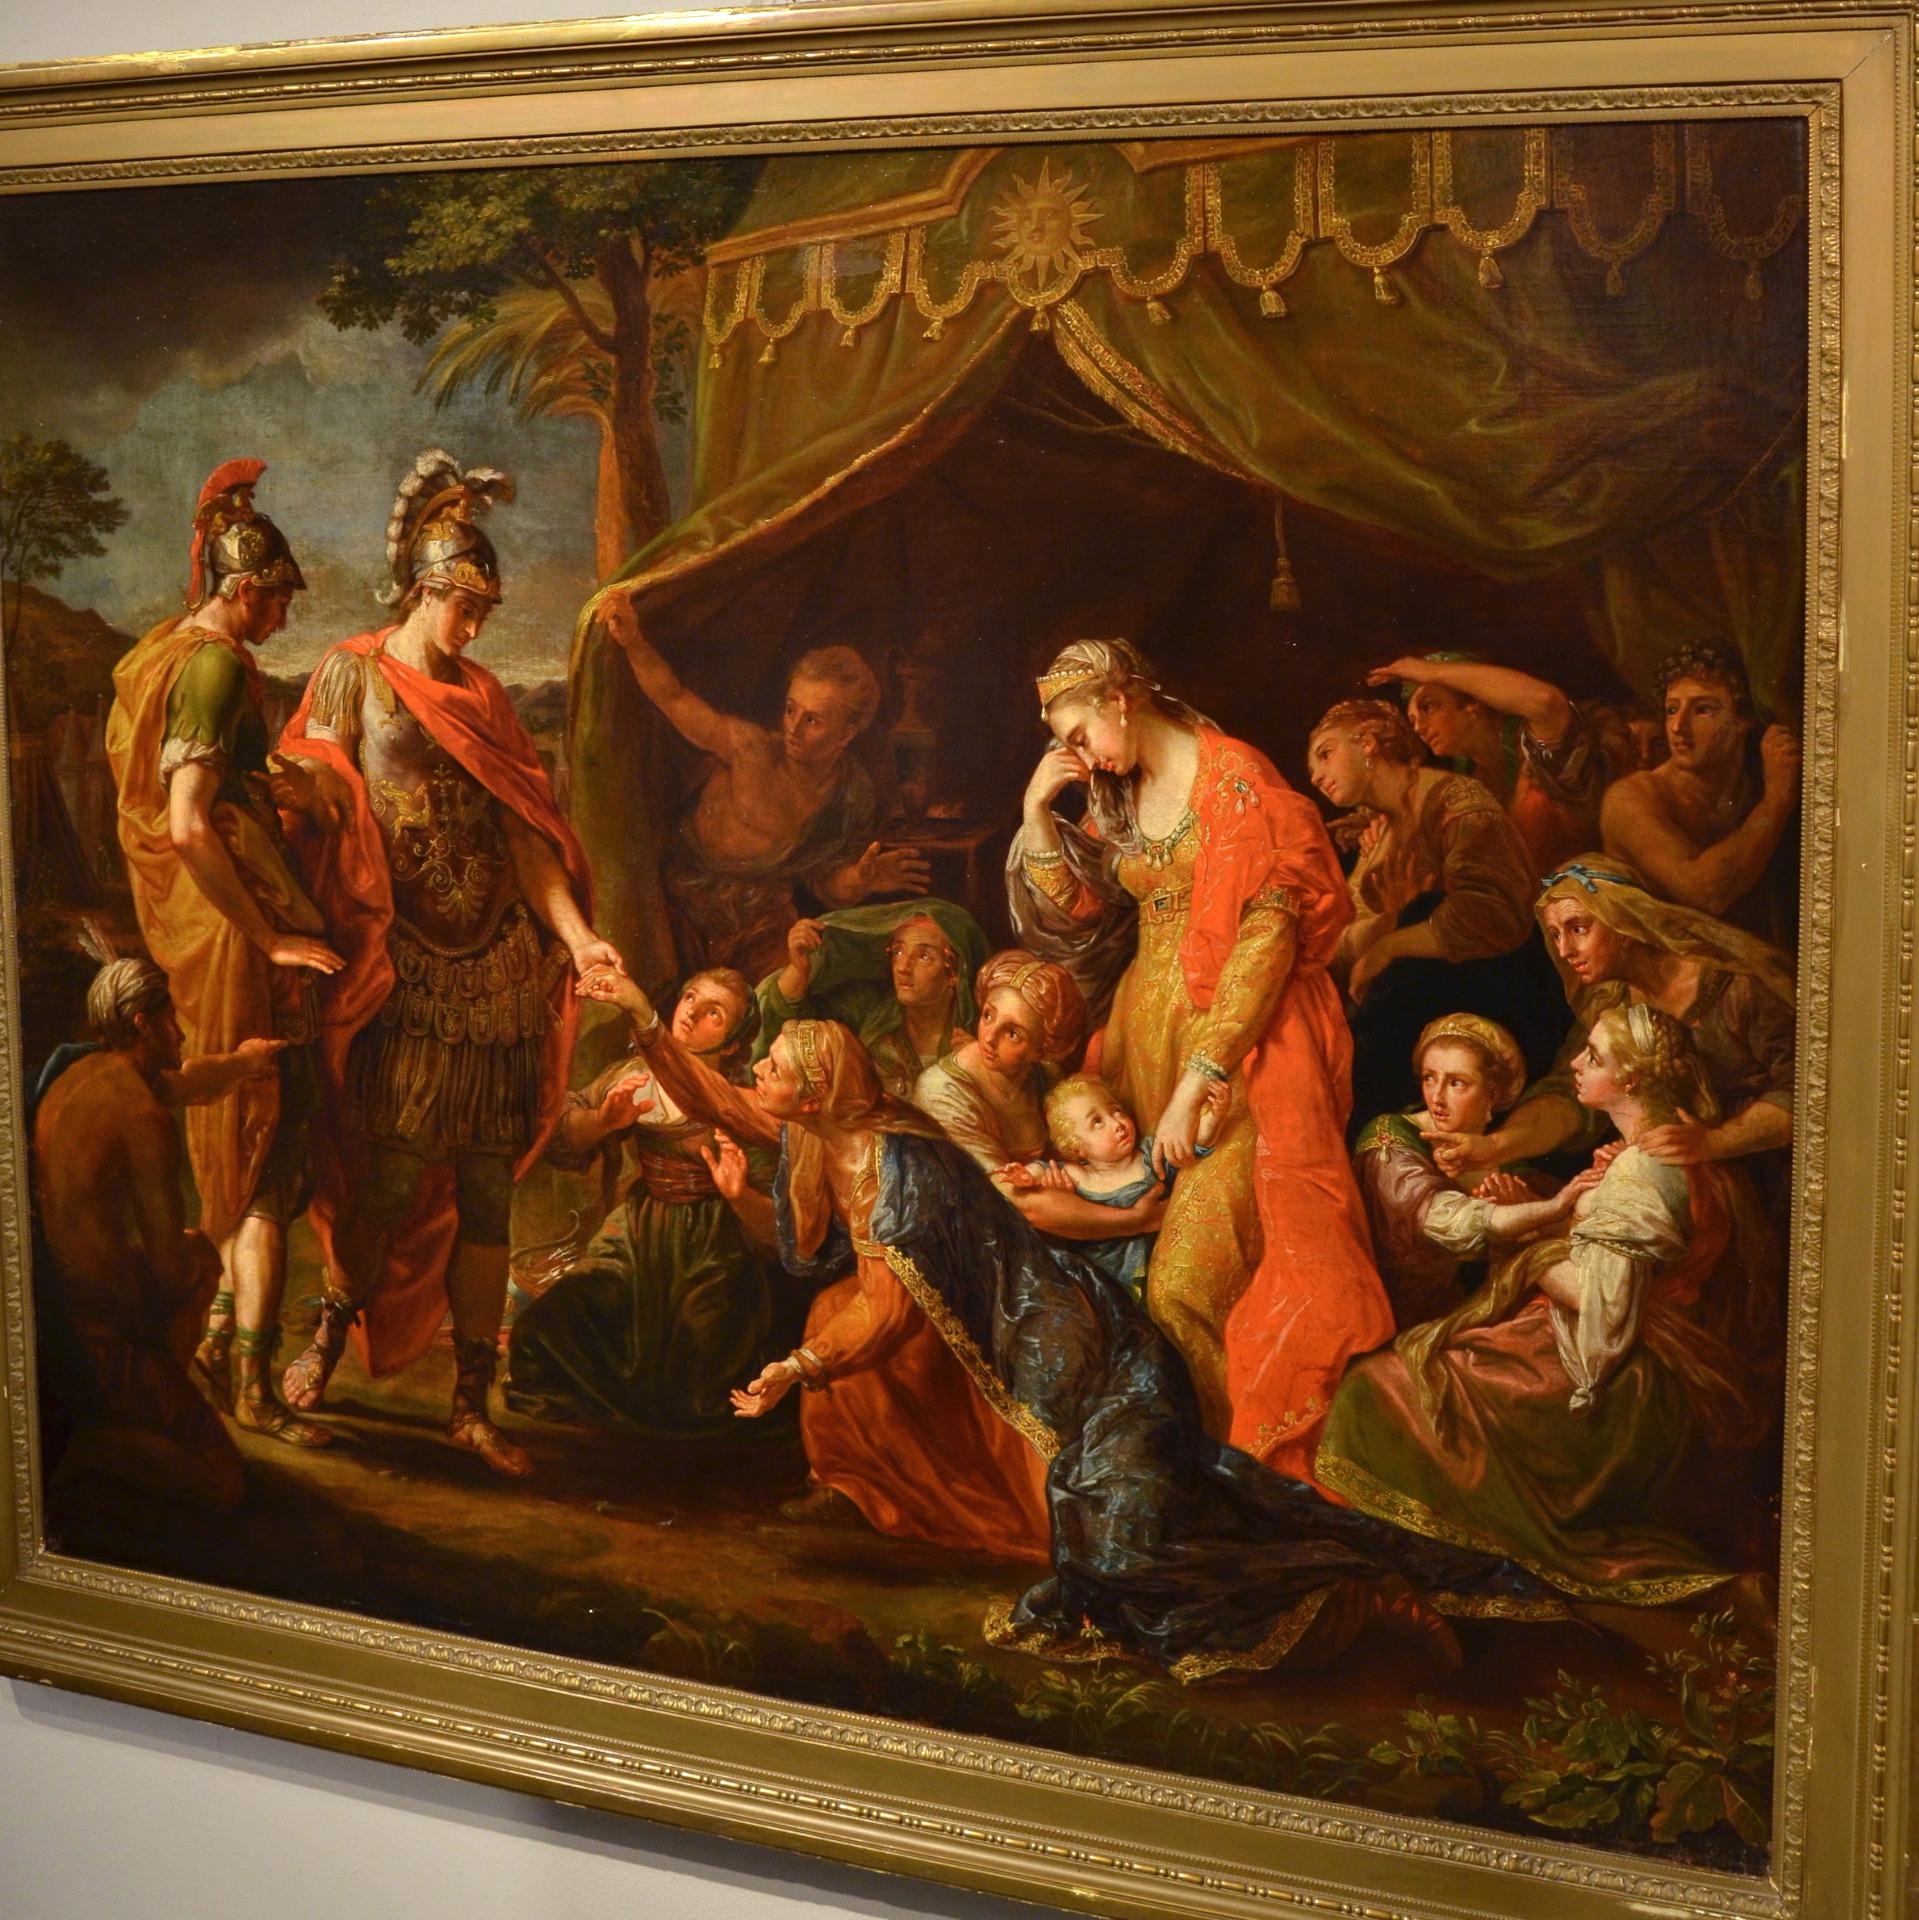 thumb3|Alessandro Magno visita la famiglia di Dario, Pompeo Girolamo Batoni (Lucca 1708 – Roma 1787) e bottega (VENDUTO)